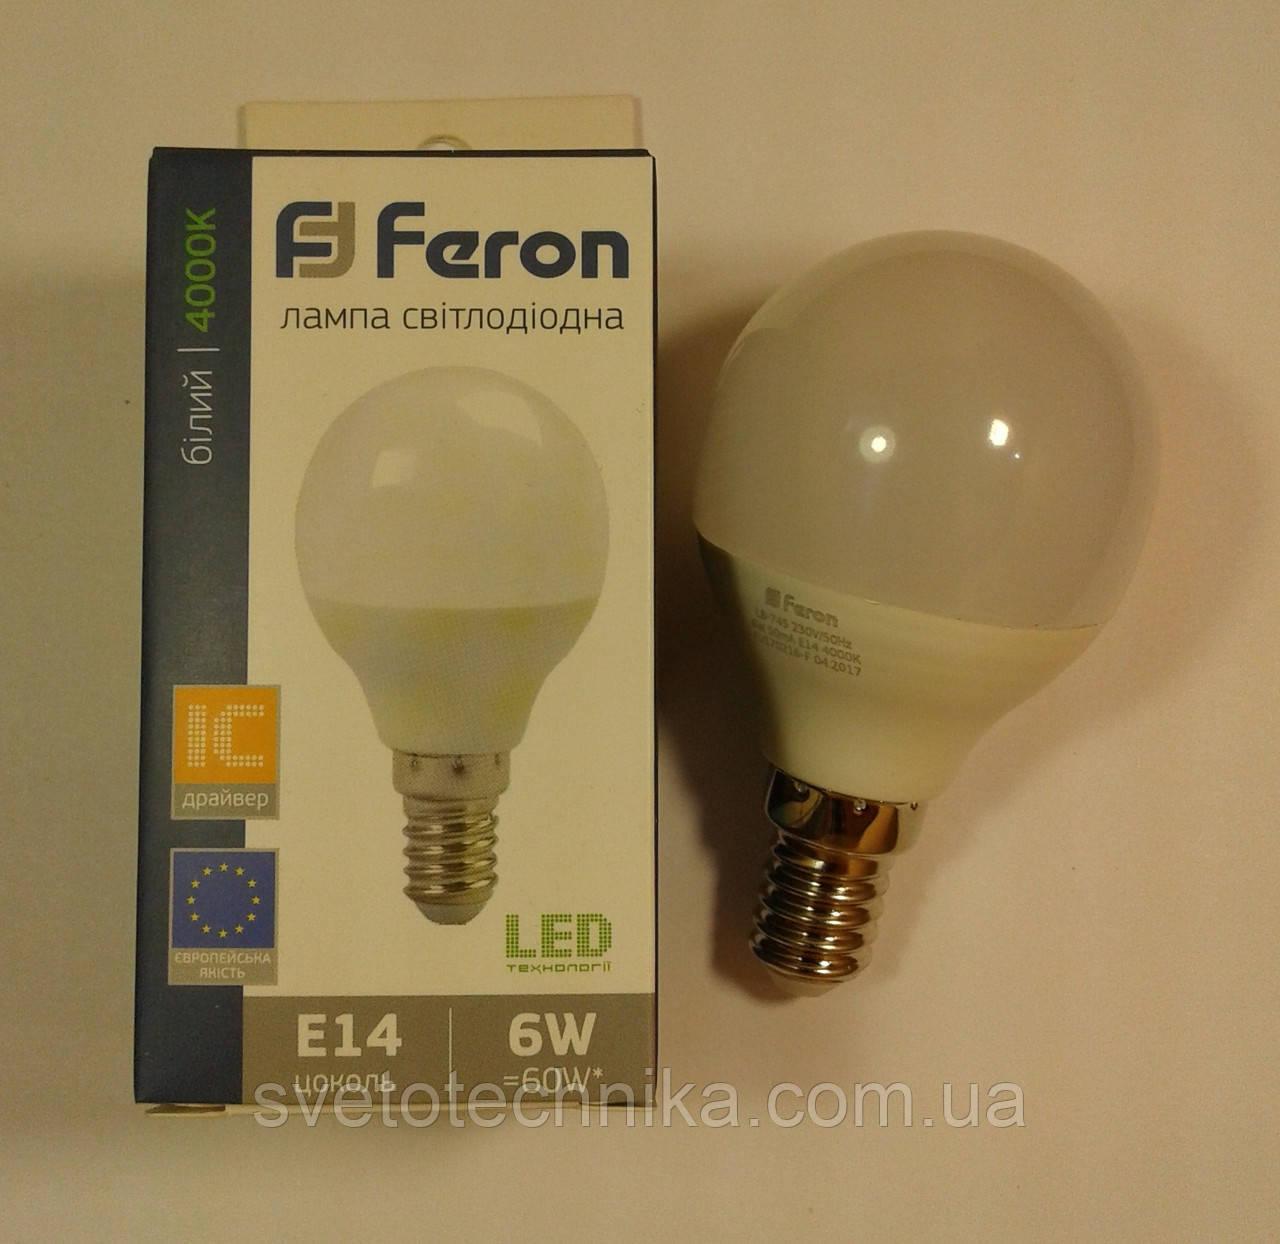 Светодиодная лампа Feron LB745 E14 6W 4000К